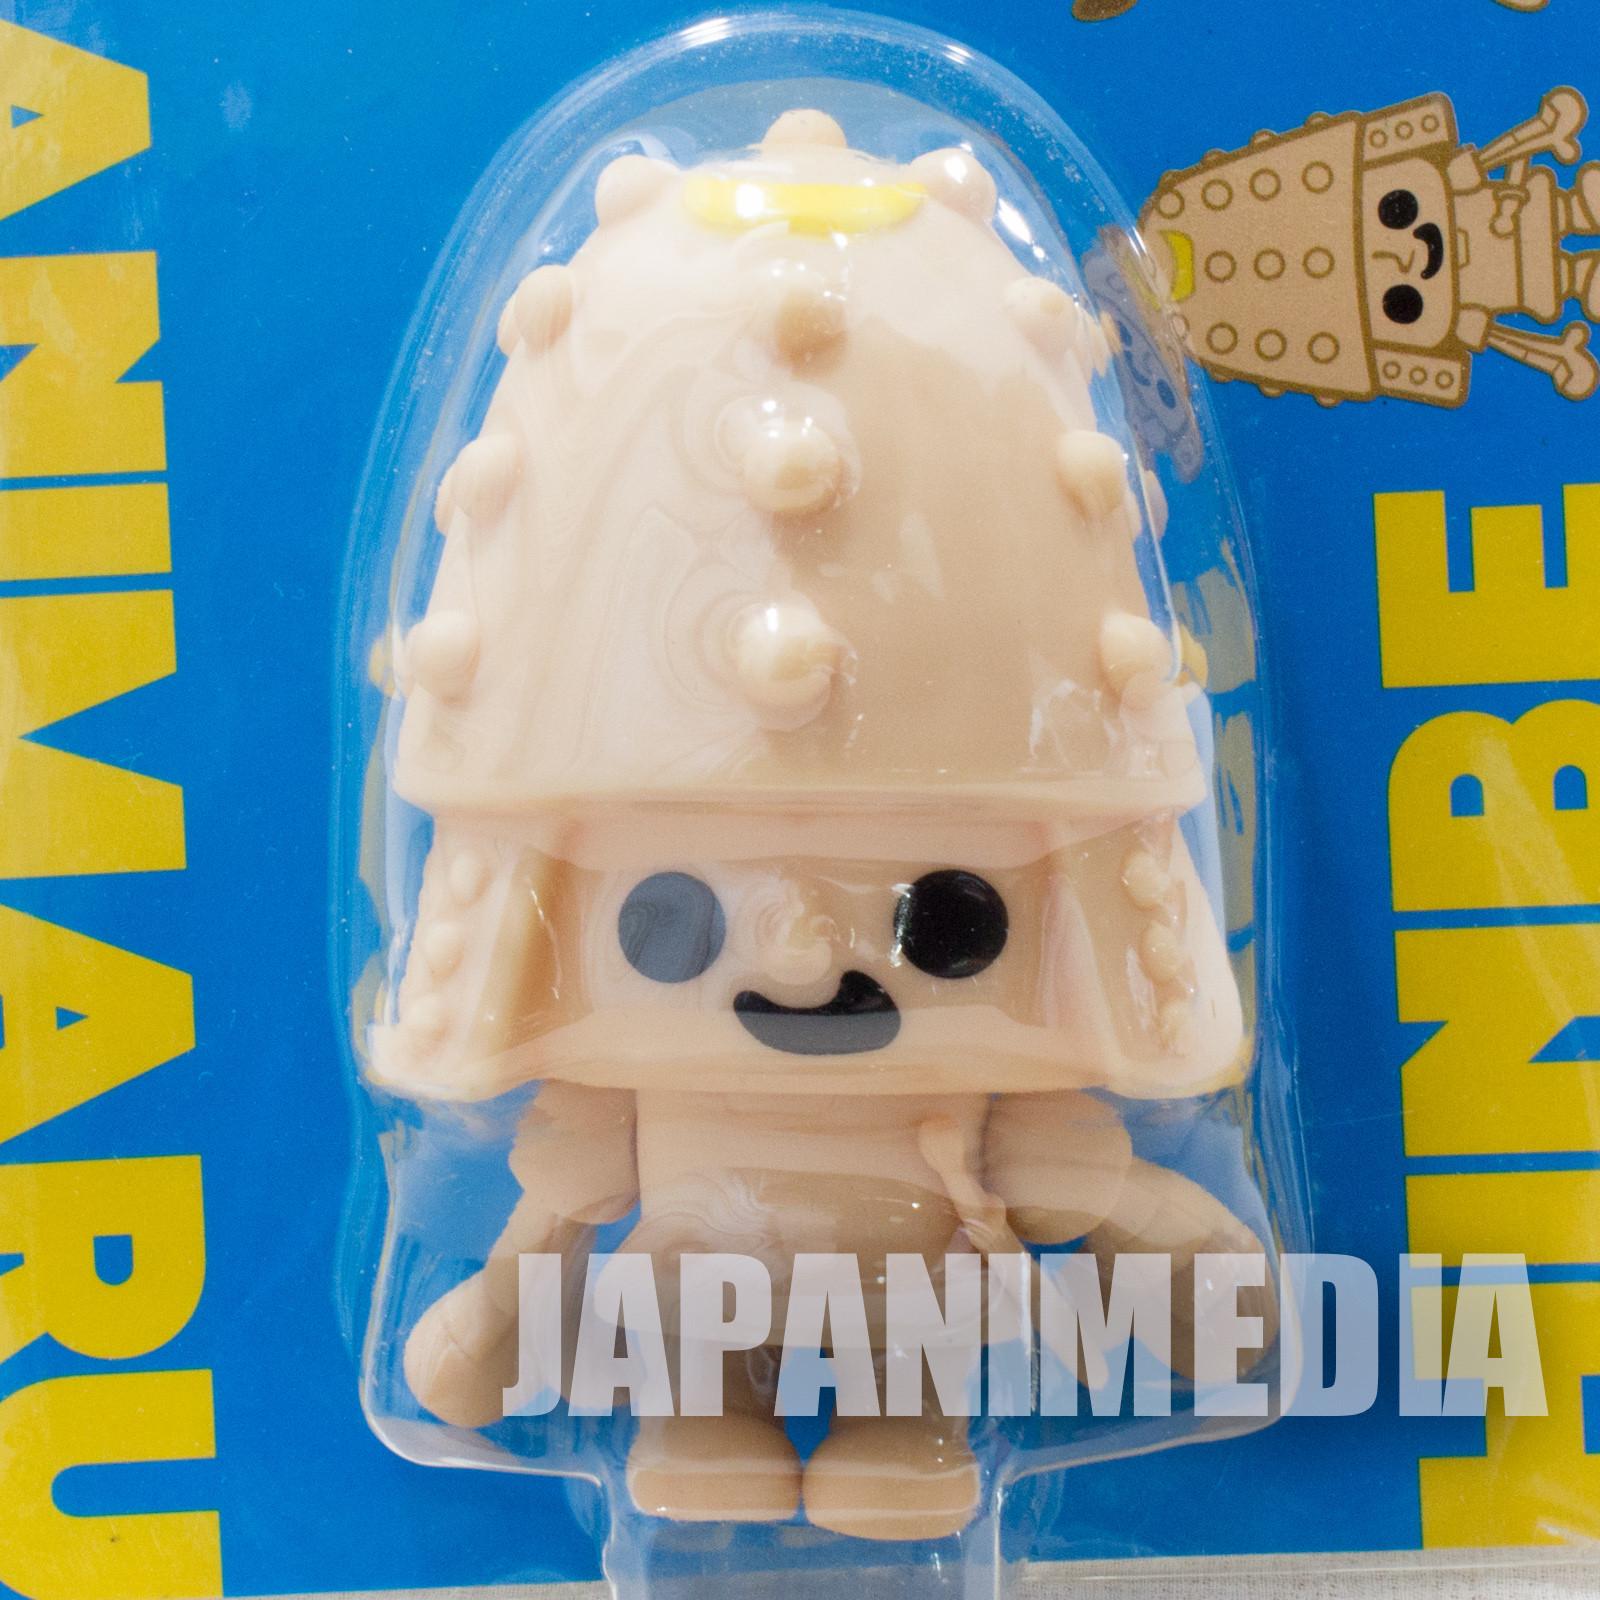 RARE! Ooi Hanimaru Soft Vinyl Figure NHK JAPAN NHK TV